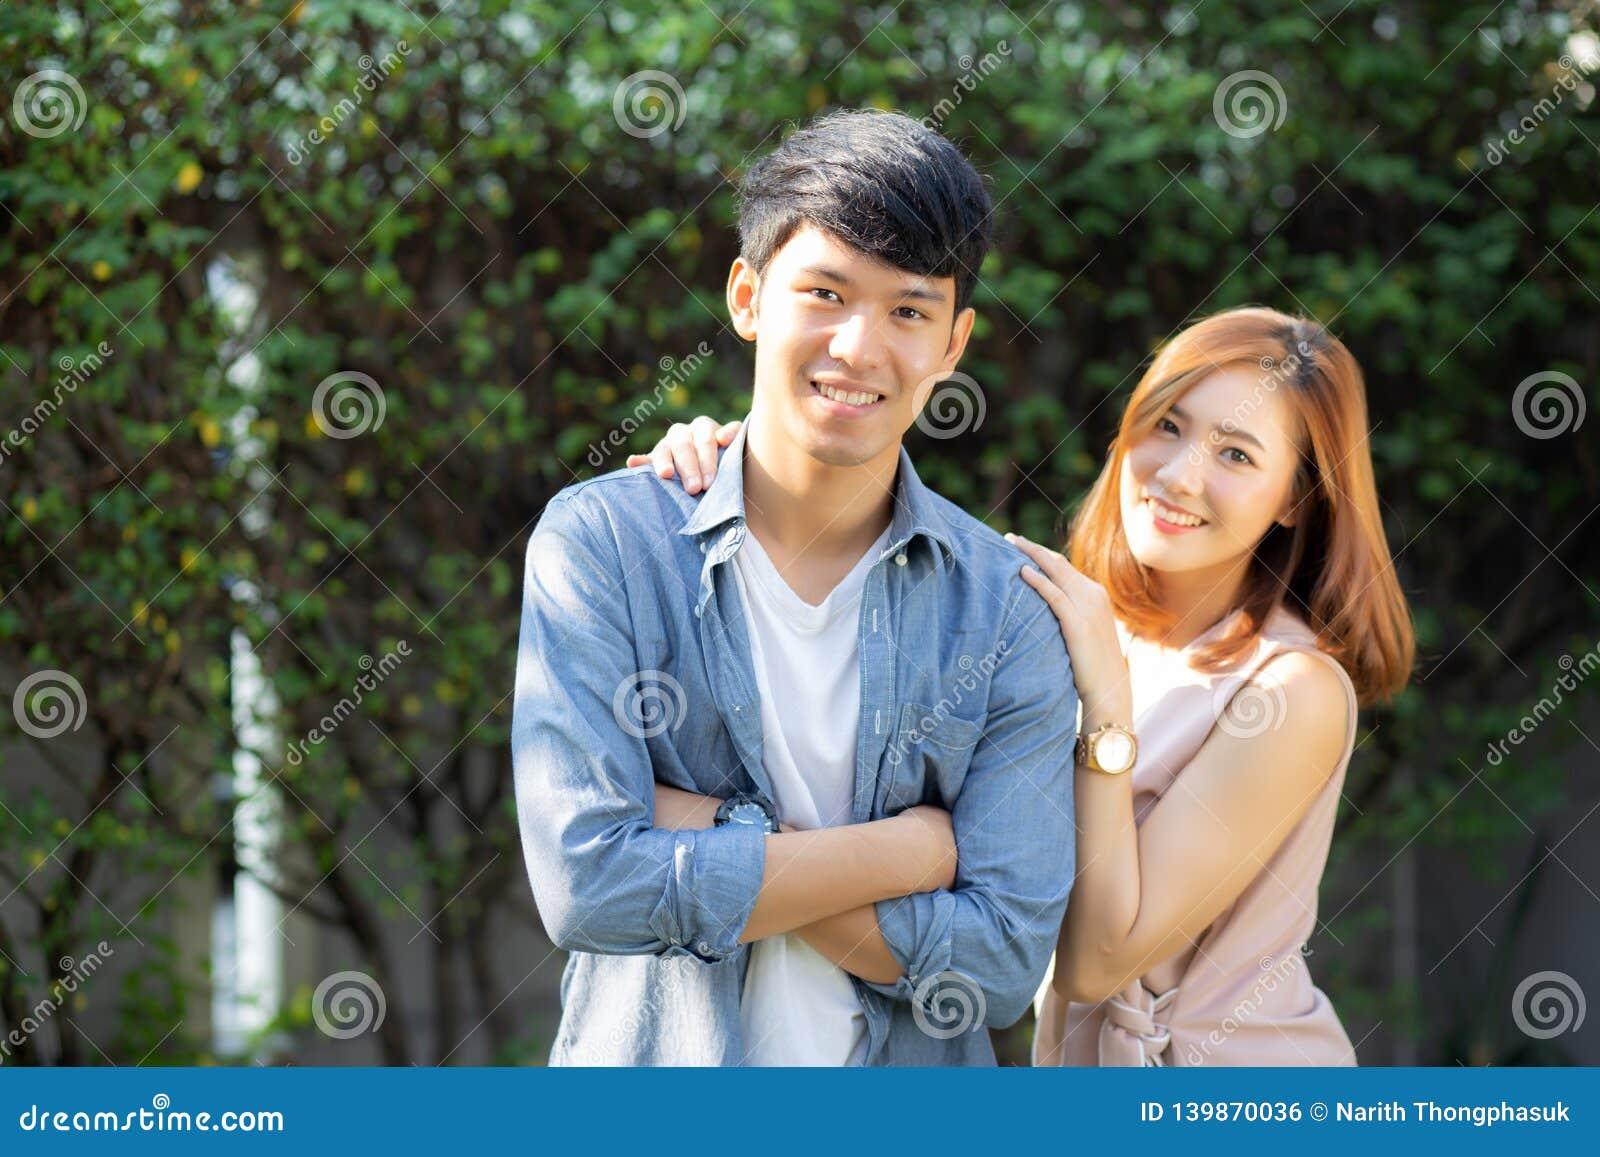 Όμορφο ζεύγος πορτρέτου που φαίνεται κάθε άλλοι μάτια και που χαμογελά με τον ευτυχή, νέο ασιατικό άνδρα και τη σχέση γυναικών με